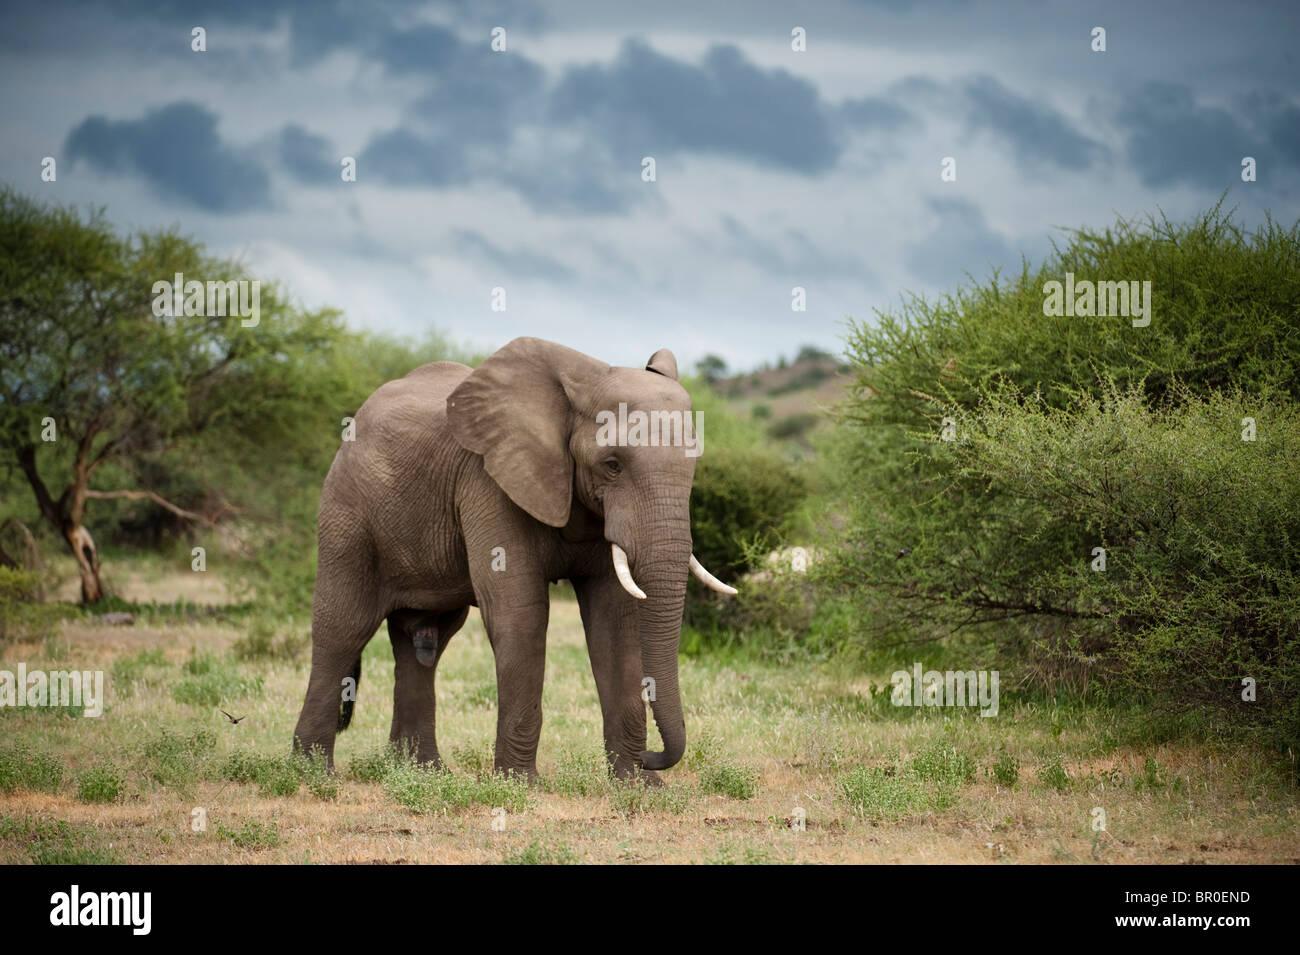 African elephant ( Loxodonta africana africana), Mashatu Game Reserve, tuli block, Botswana - Stock Image